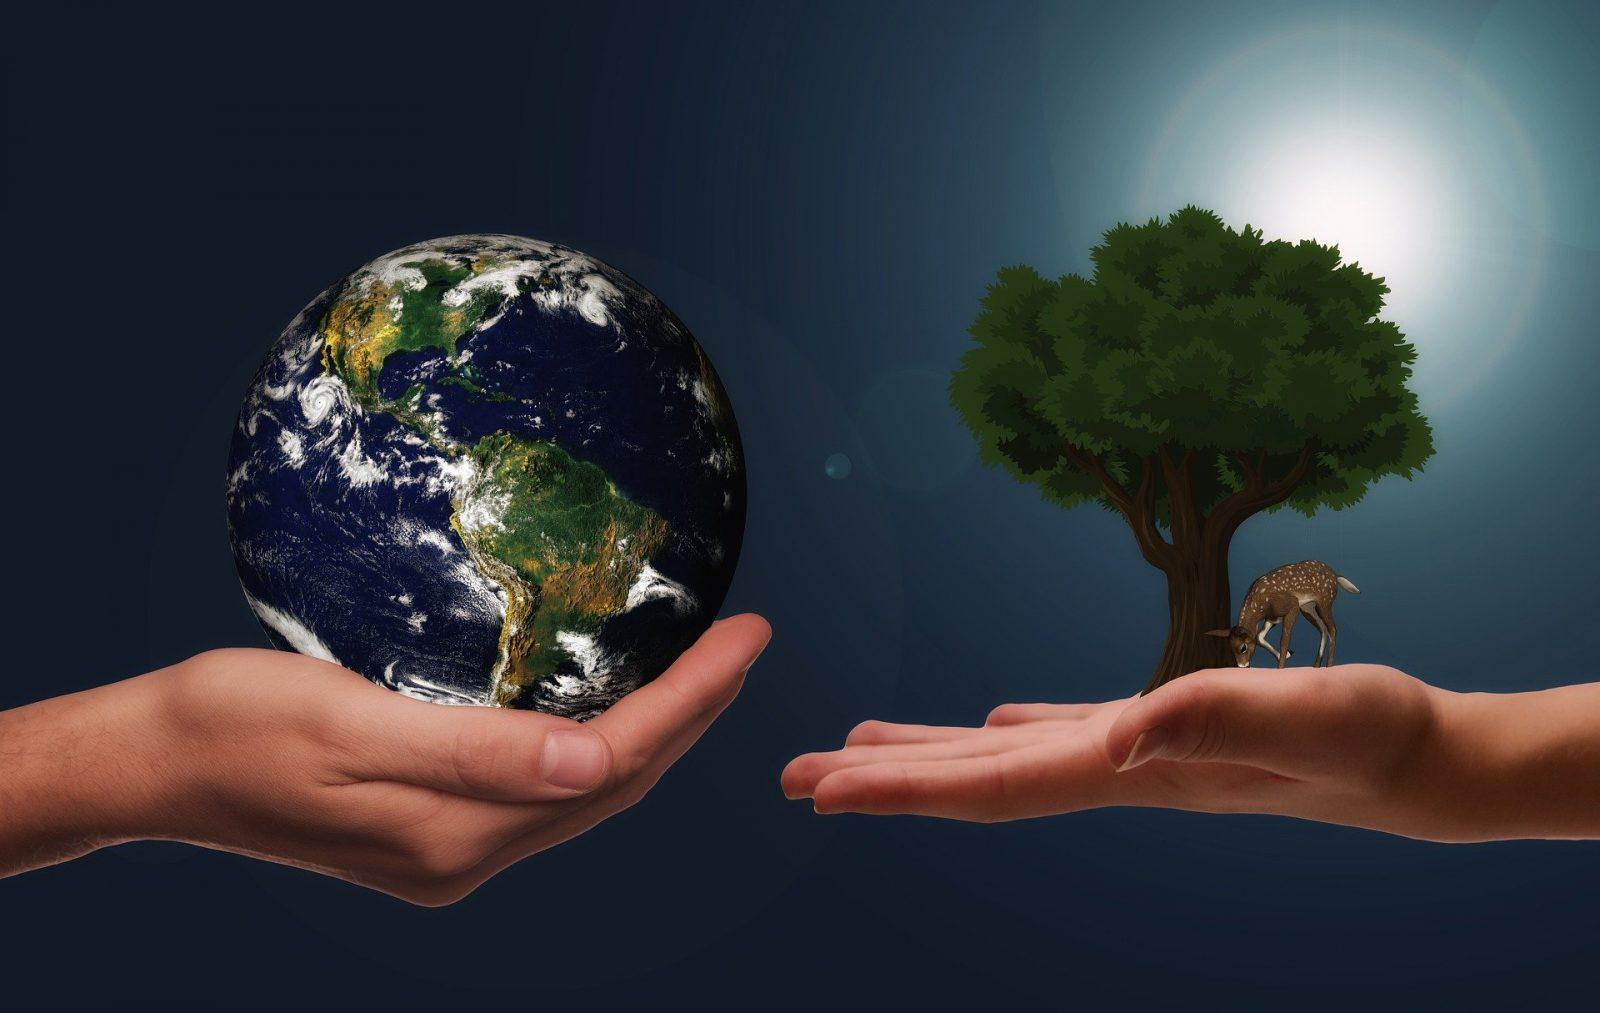 cos'è la sostenibilità ambientale